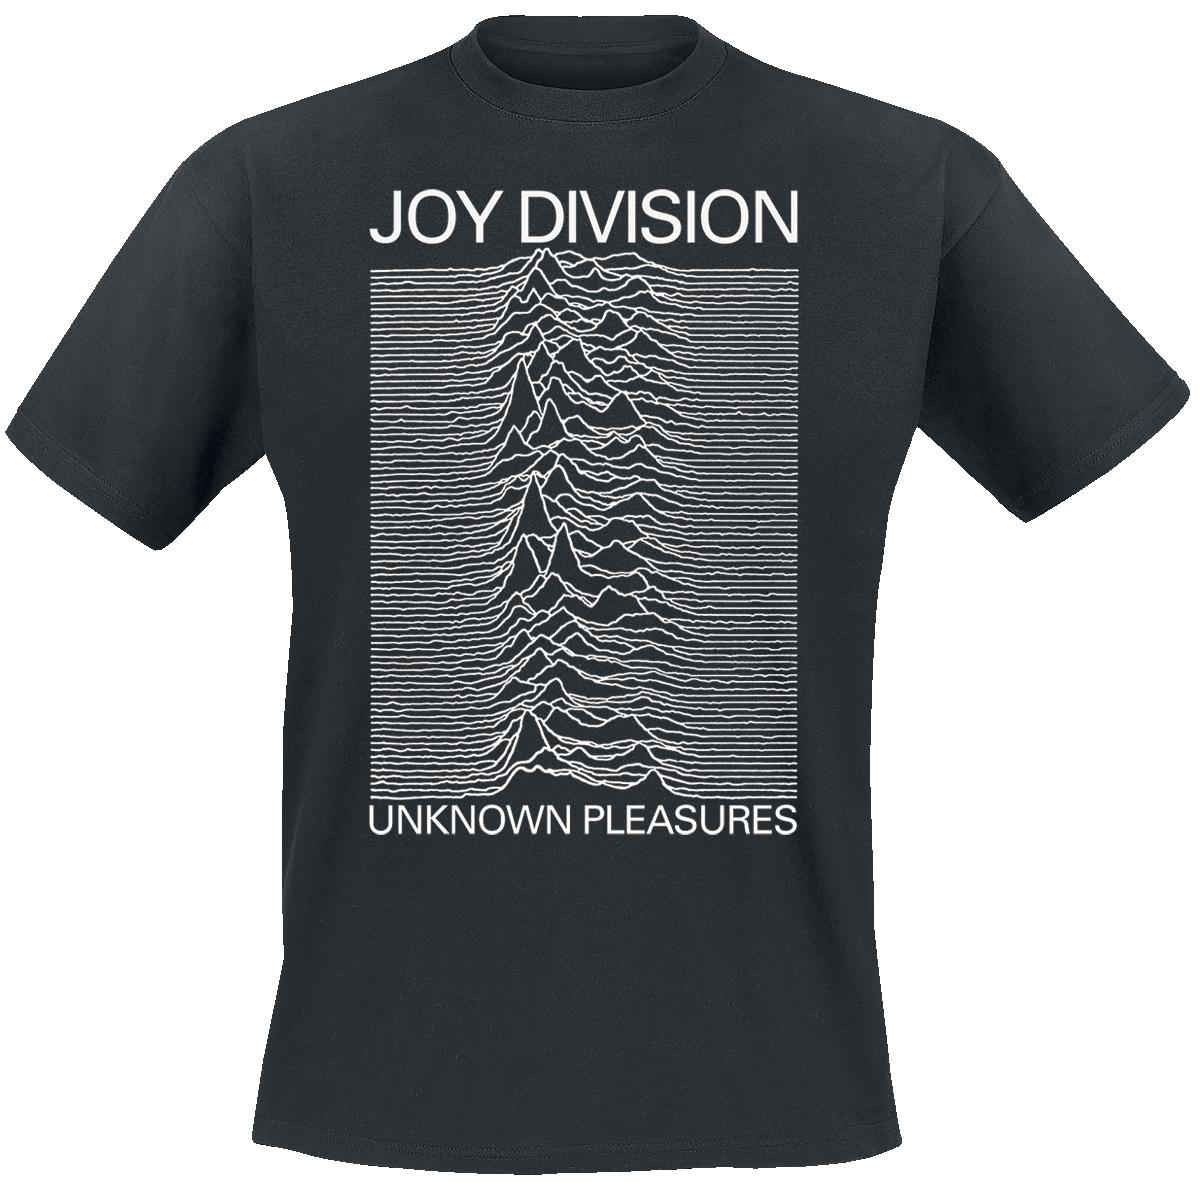 Joy Division - Unknown Pleasures - T-Shirt - black image